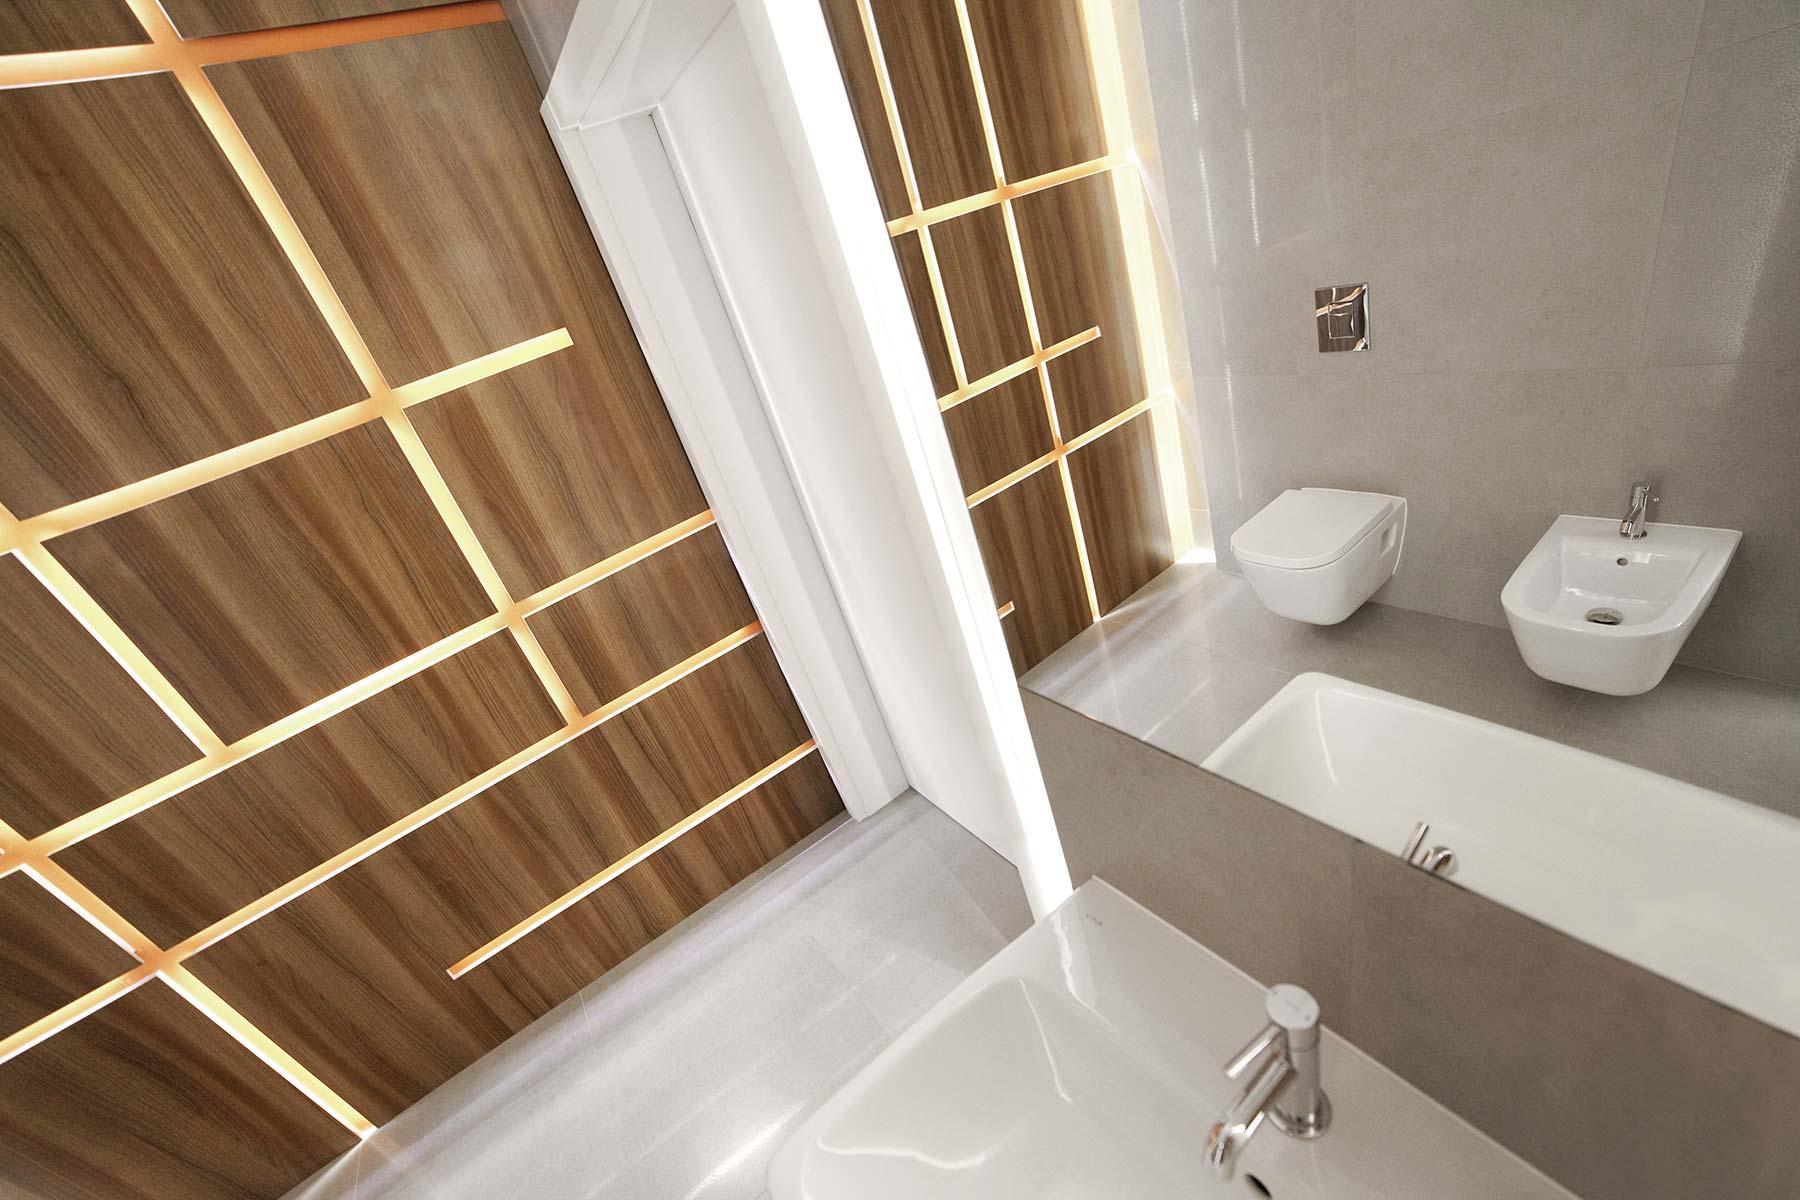 011-mono-architekt-wnetrz-katowice-krakow-tychy-mikolow-projekt-nowoczesna łazienka publiczna